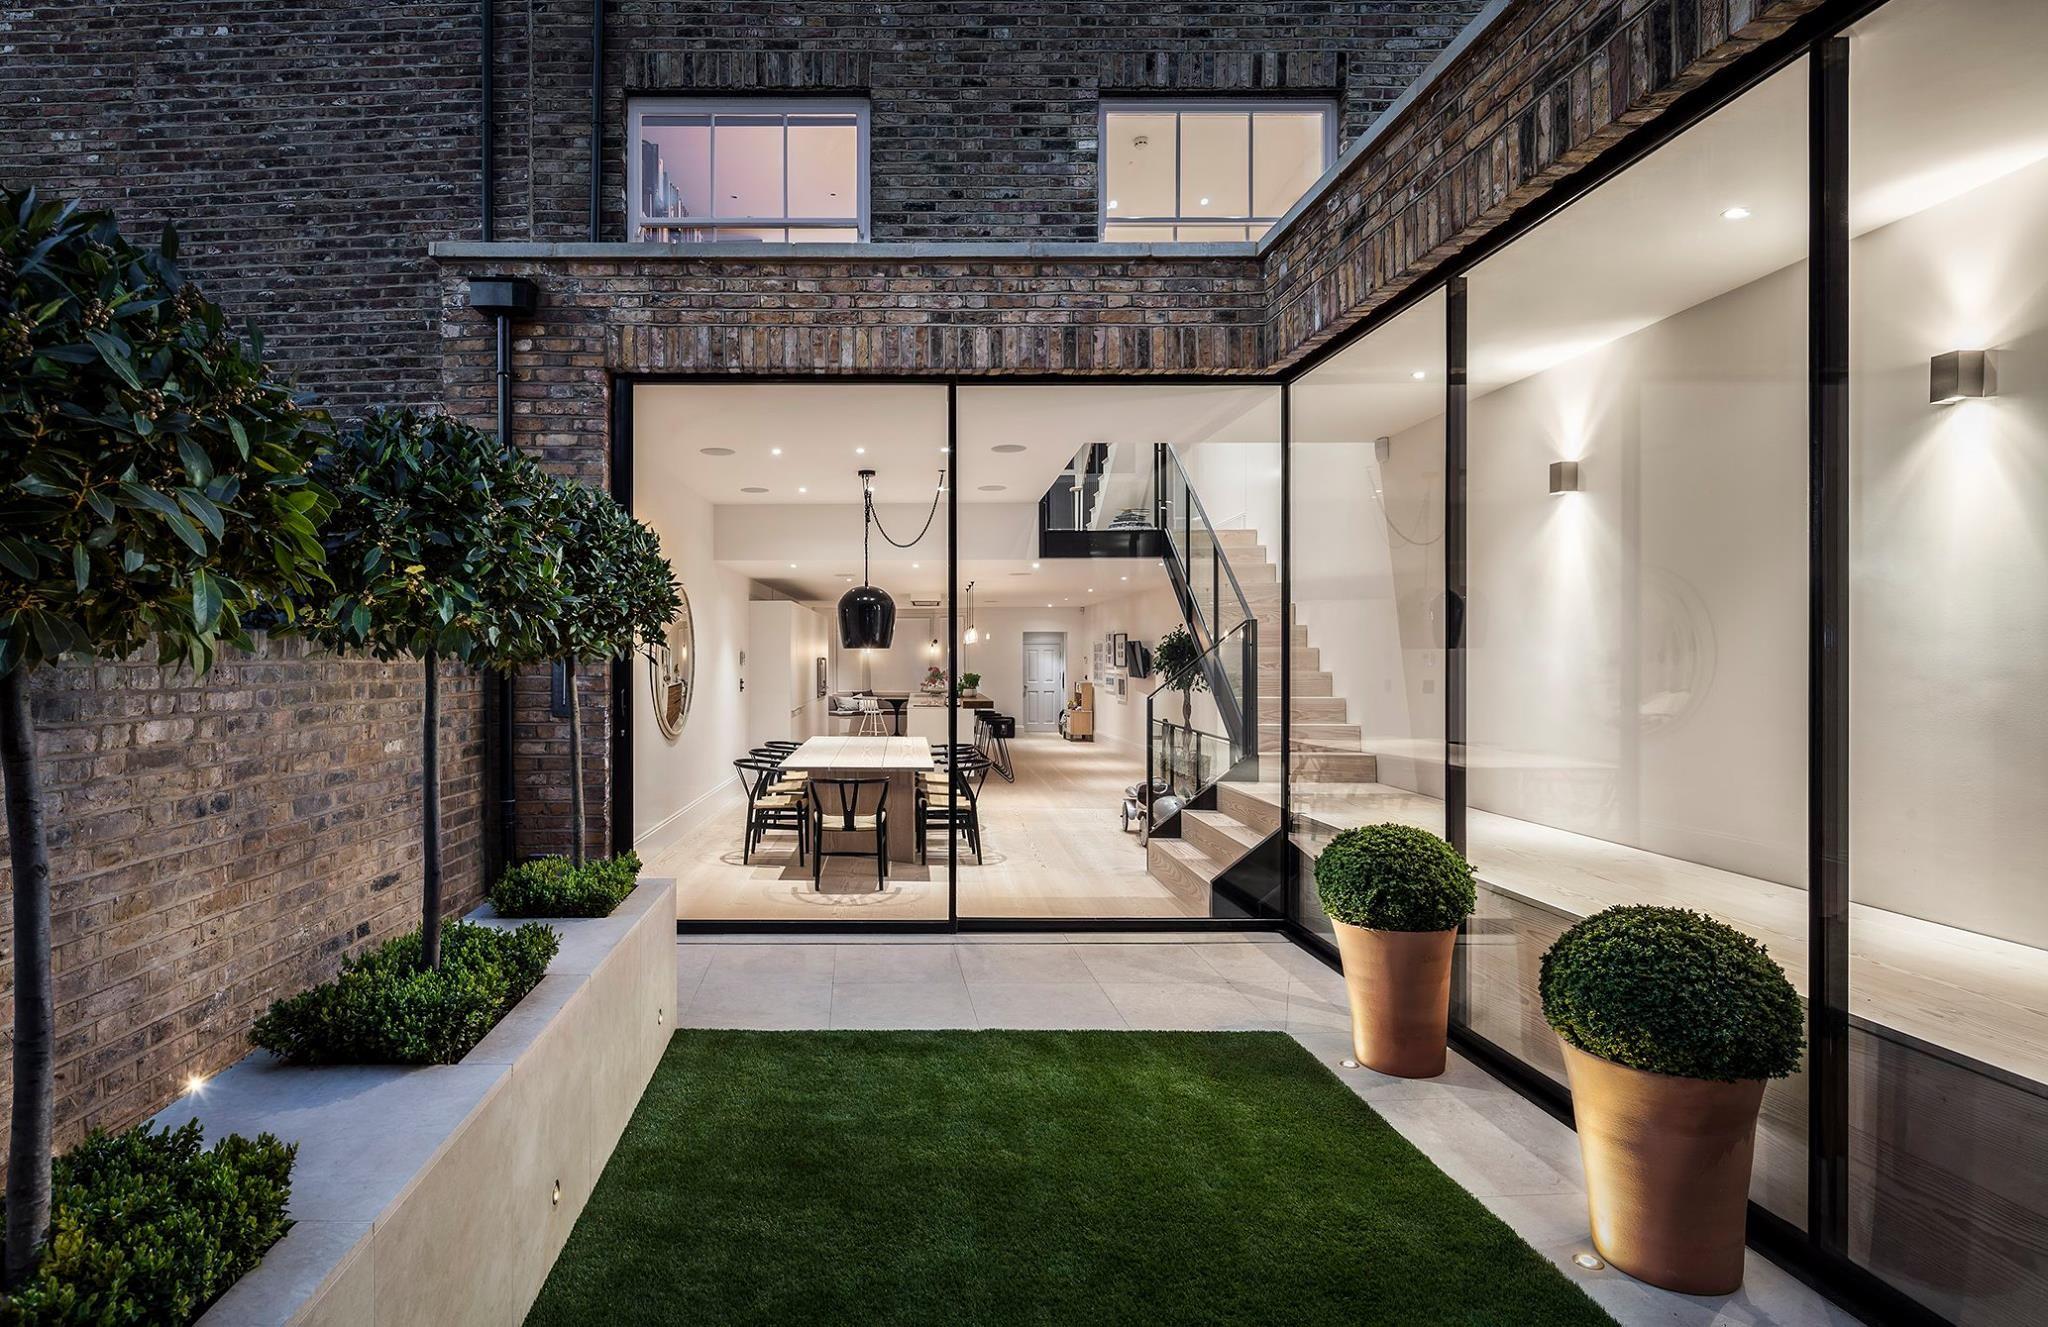 moore park house jo cowen architects www jocowendesign com